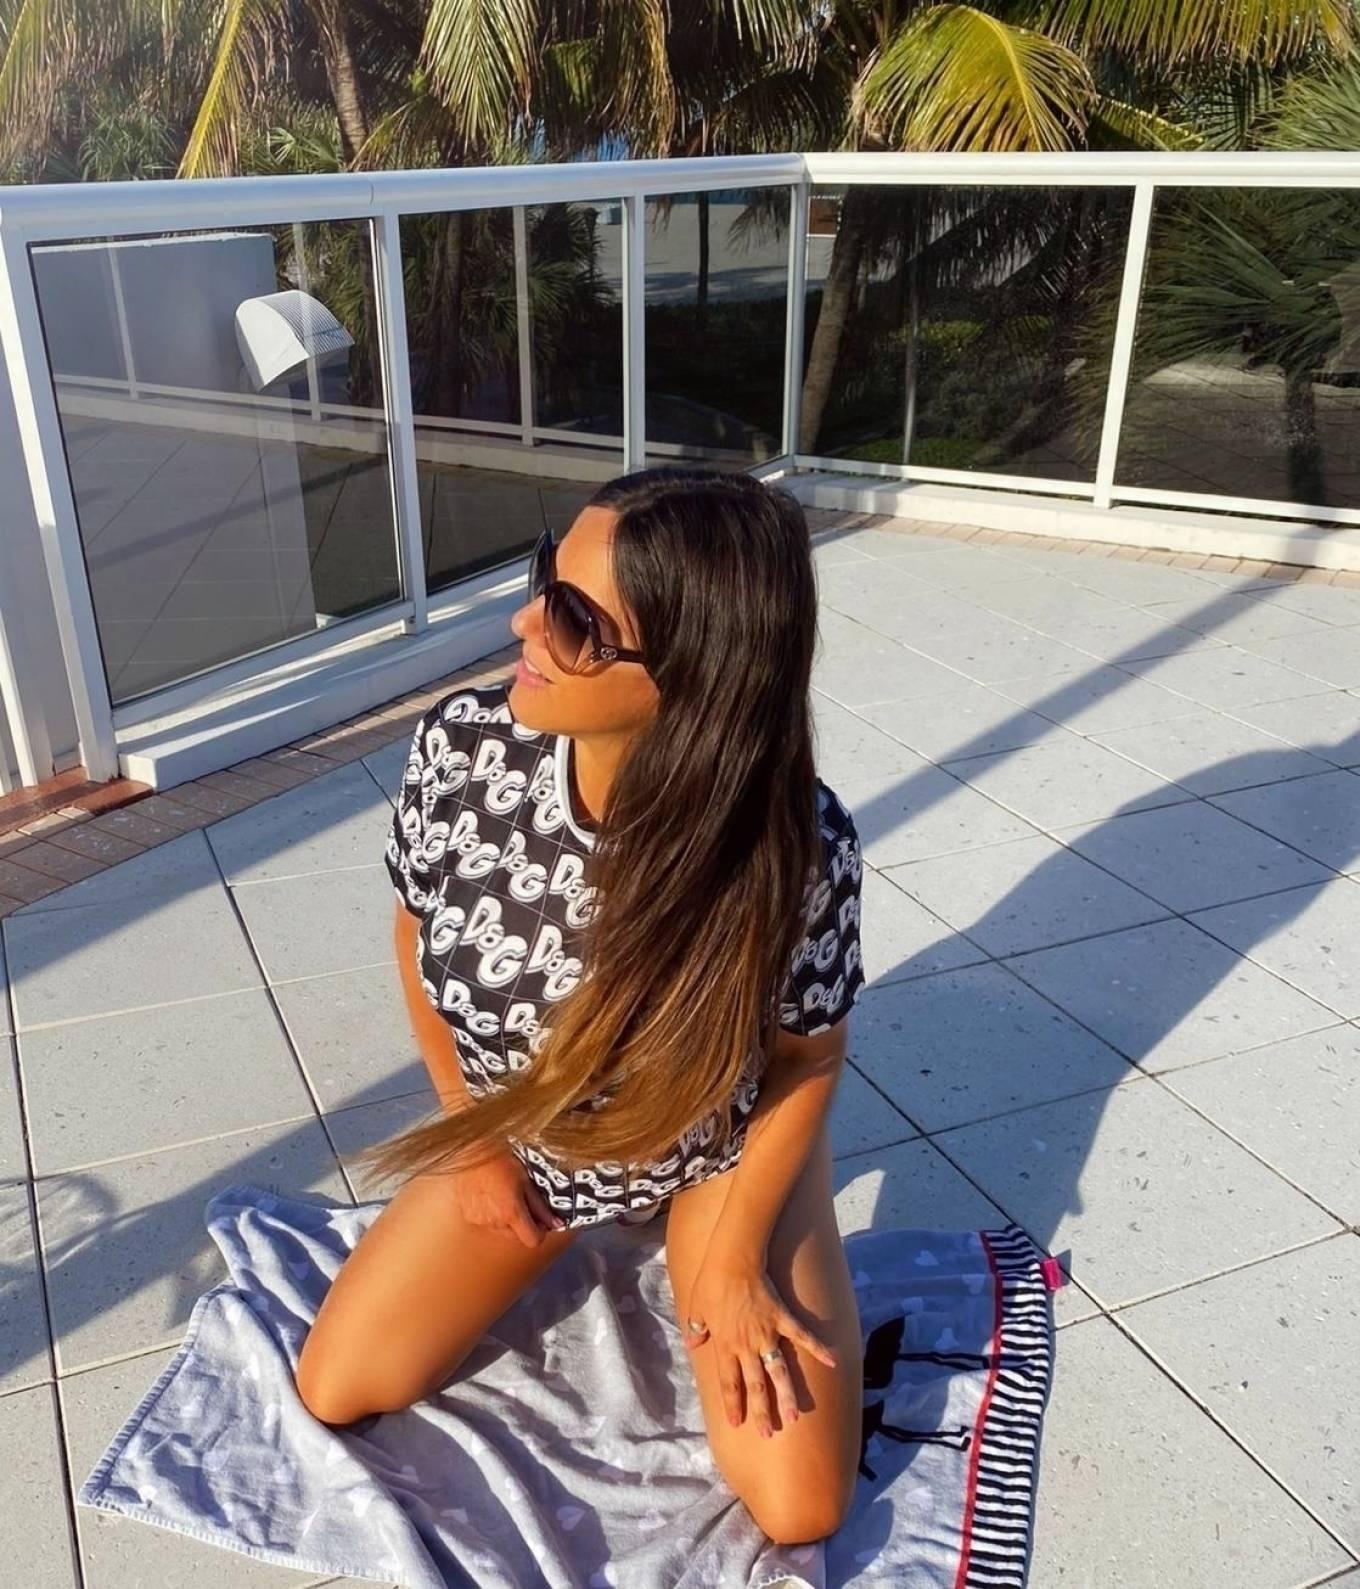 Claudia Romani 2020 : Claudia Romani in Bikini 2020-03